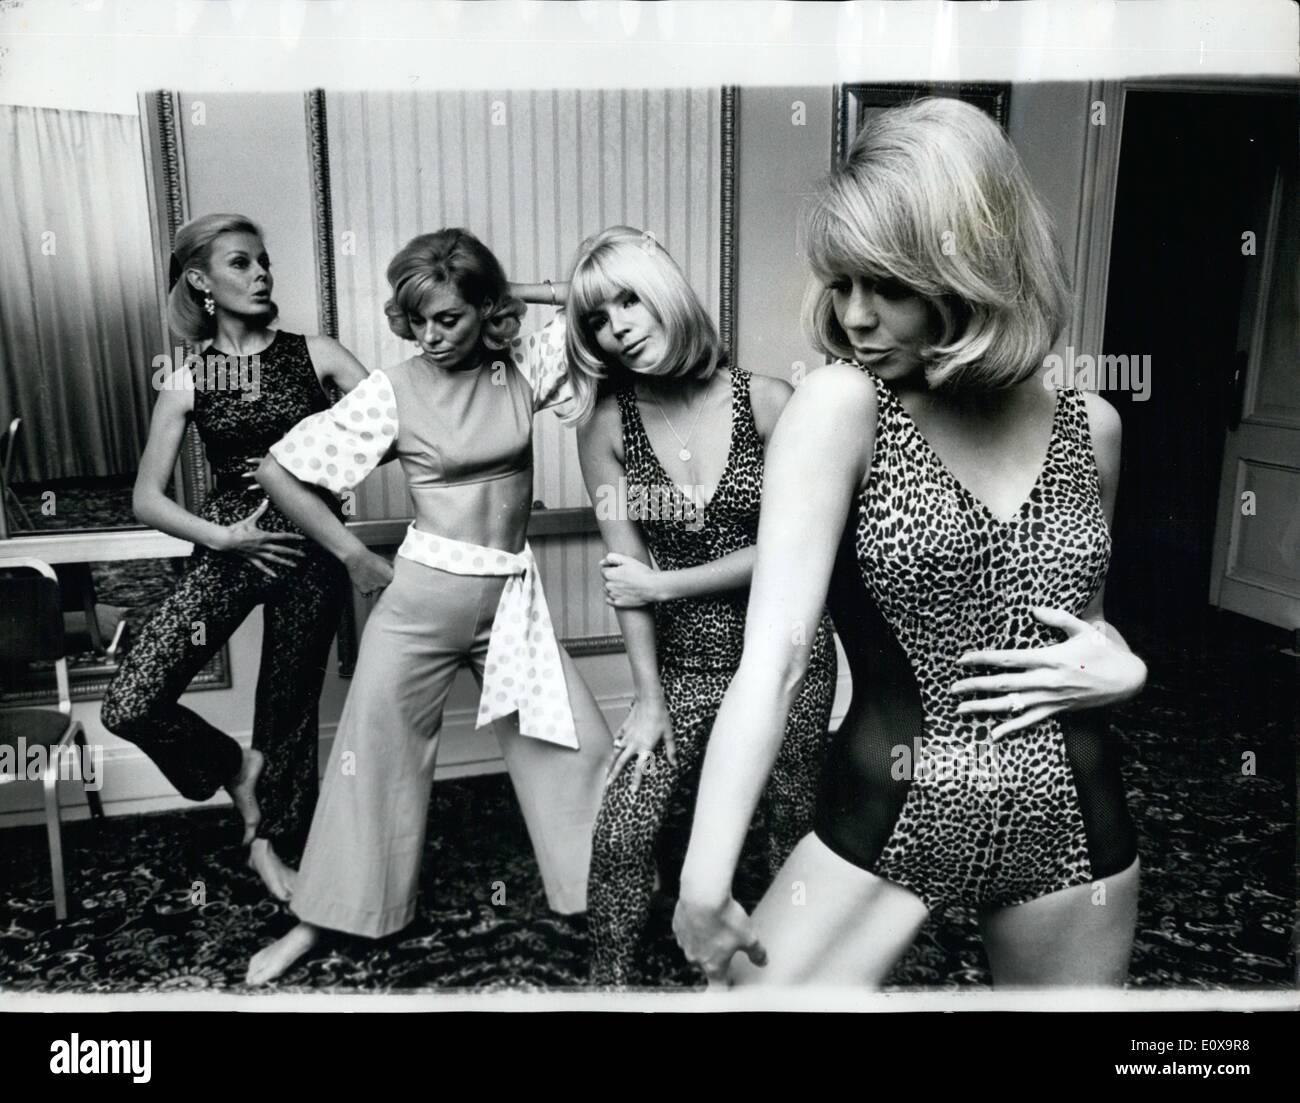 Octubre 10, 1965 - Traje de baño y ropa de playa Show en Londres. Los trajes de gato siempre el tema de la tendencia-traje de baño y ropa de playa show para 1966, que se celebró ayer en Londres. Foto: (de izquierda a derecha): ELLEN SUMMERHILL viste 'fantasía' Lace JOAN Crane, en 'río', GUNDEL SARGENT en 'Cat-Nap', y Marilyn RICKARD en 'coelet bañador' Imagen De Stock